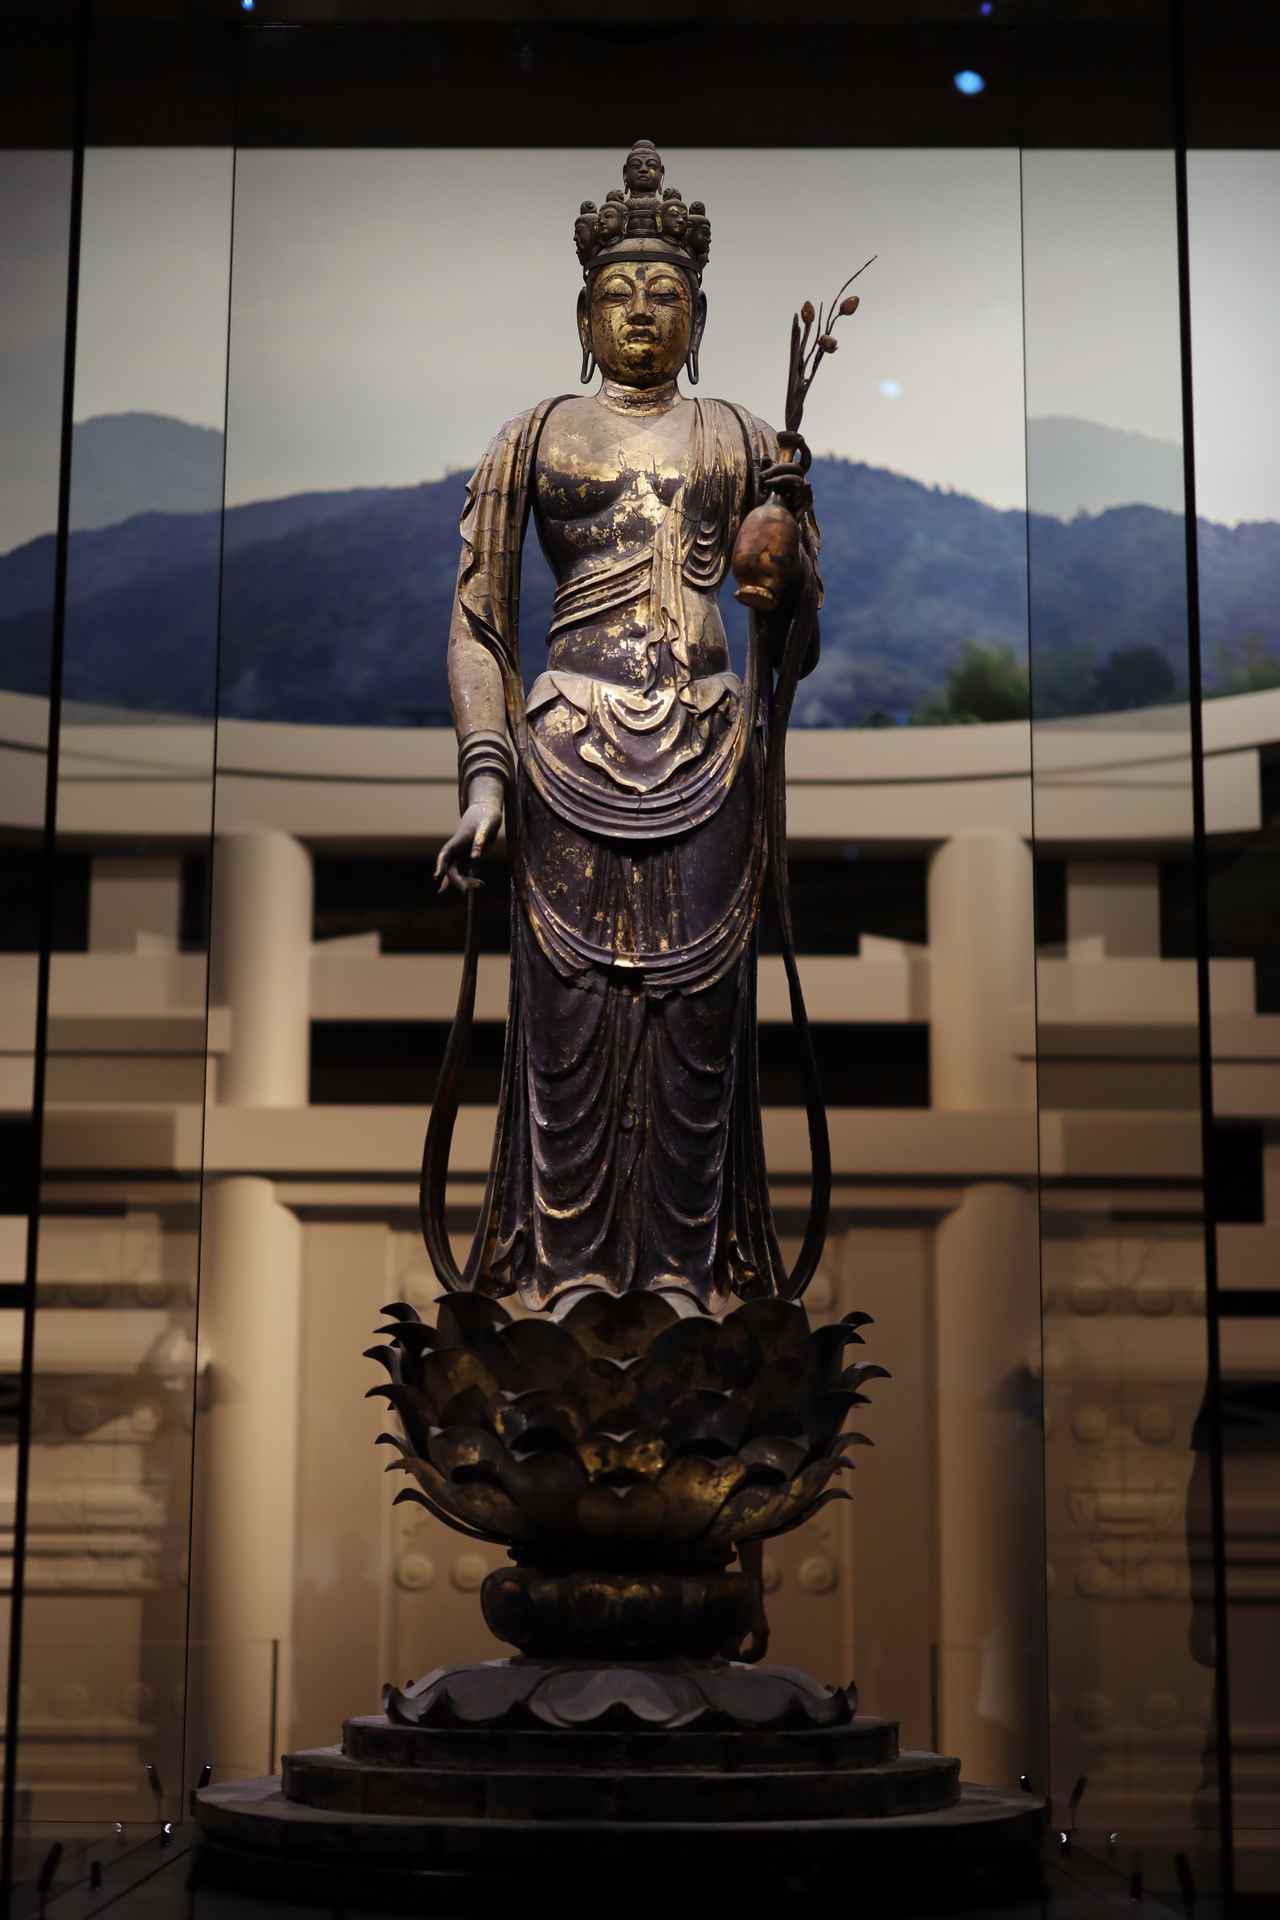 画像10: 国宝 十一面観音菩薩立像 奈良時代・8世紀 奈良・聖林寺蔵